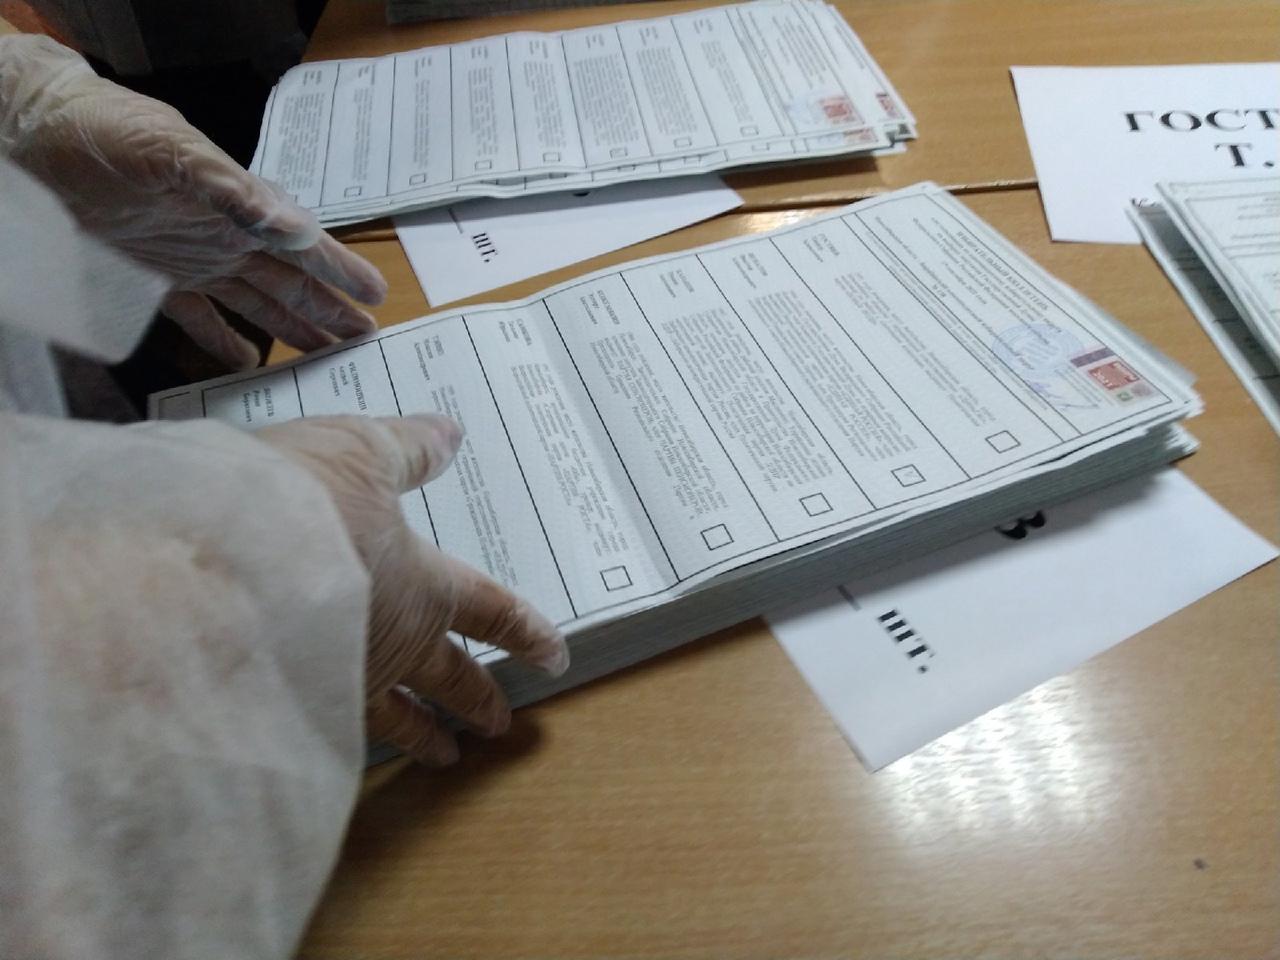 Фото Выборы в Новосибирске: онлайн дня голосования за депутатов Госдумы 19 сентября 2021 года 2